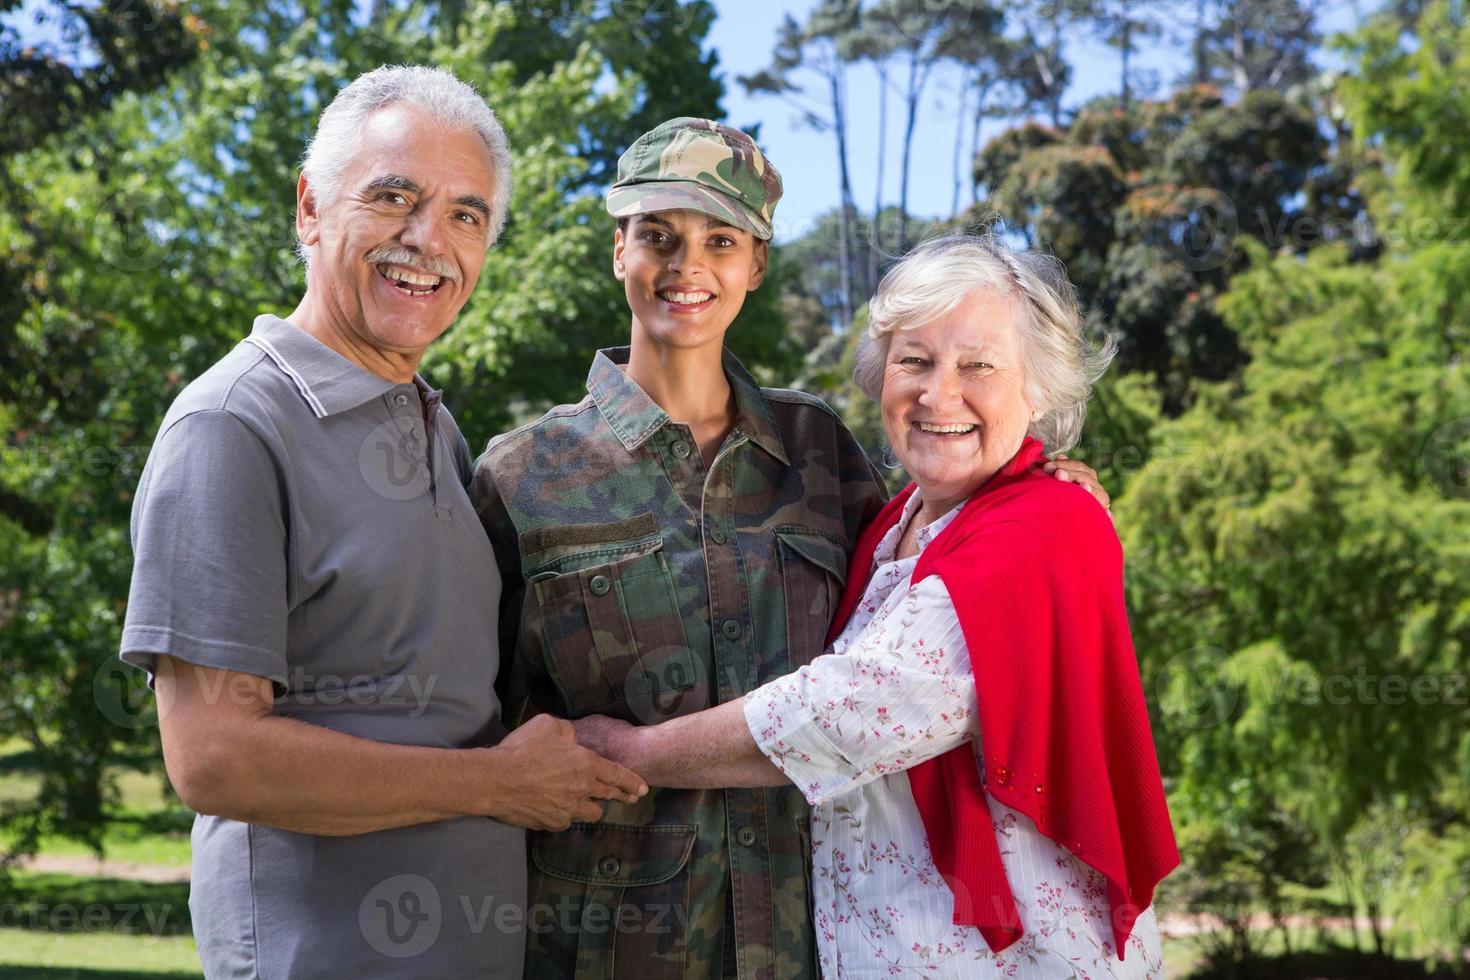 soldato riunito con i suoi genitori foto